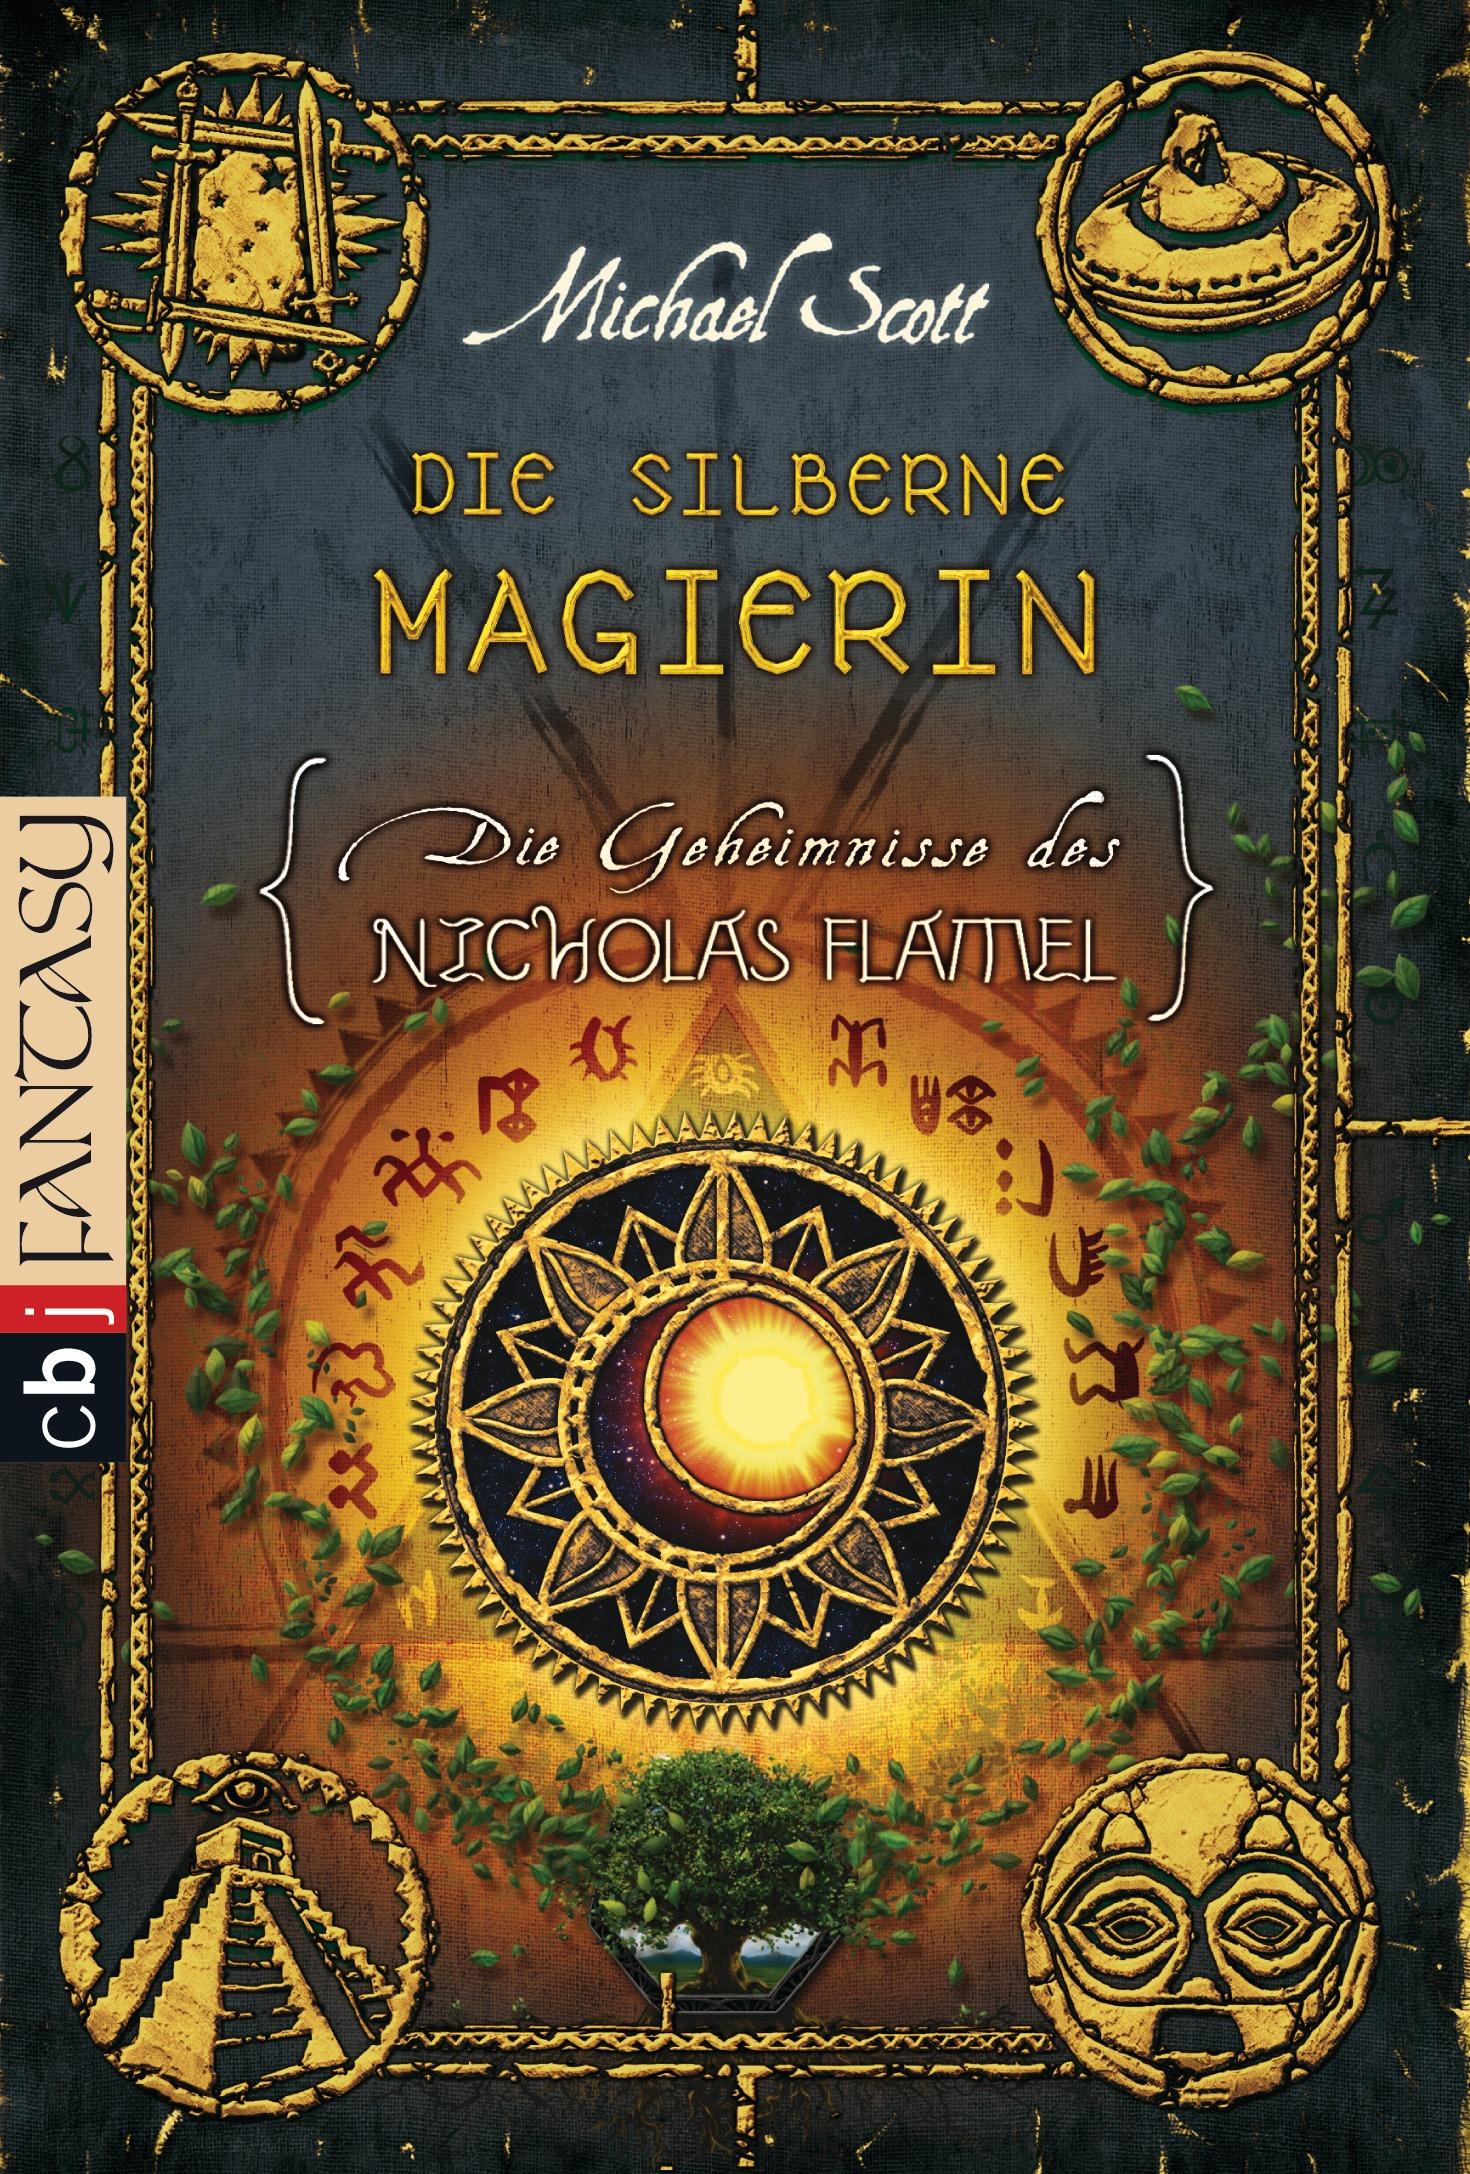 Die Geheimnisse des Nicholas Flamel: Band 6 - Die silberne Magierin - Michael Scott [Taschenbuch]